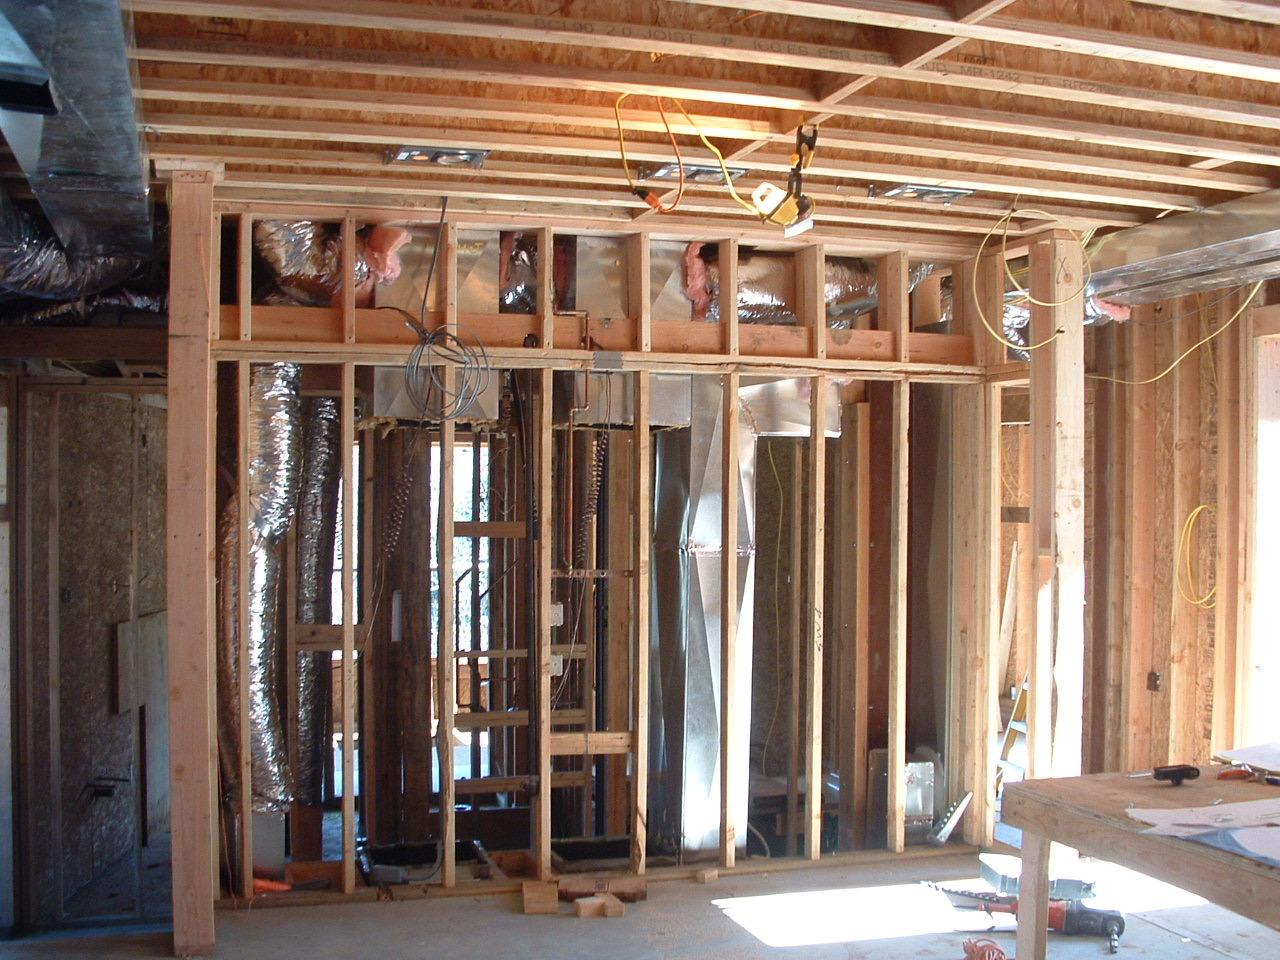 shear inspection 3-1-07 001.jpg